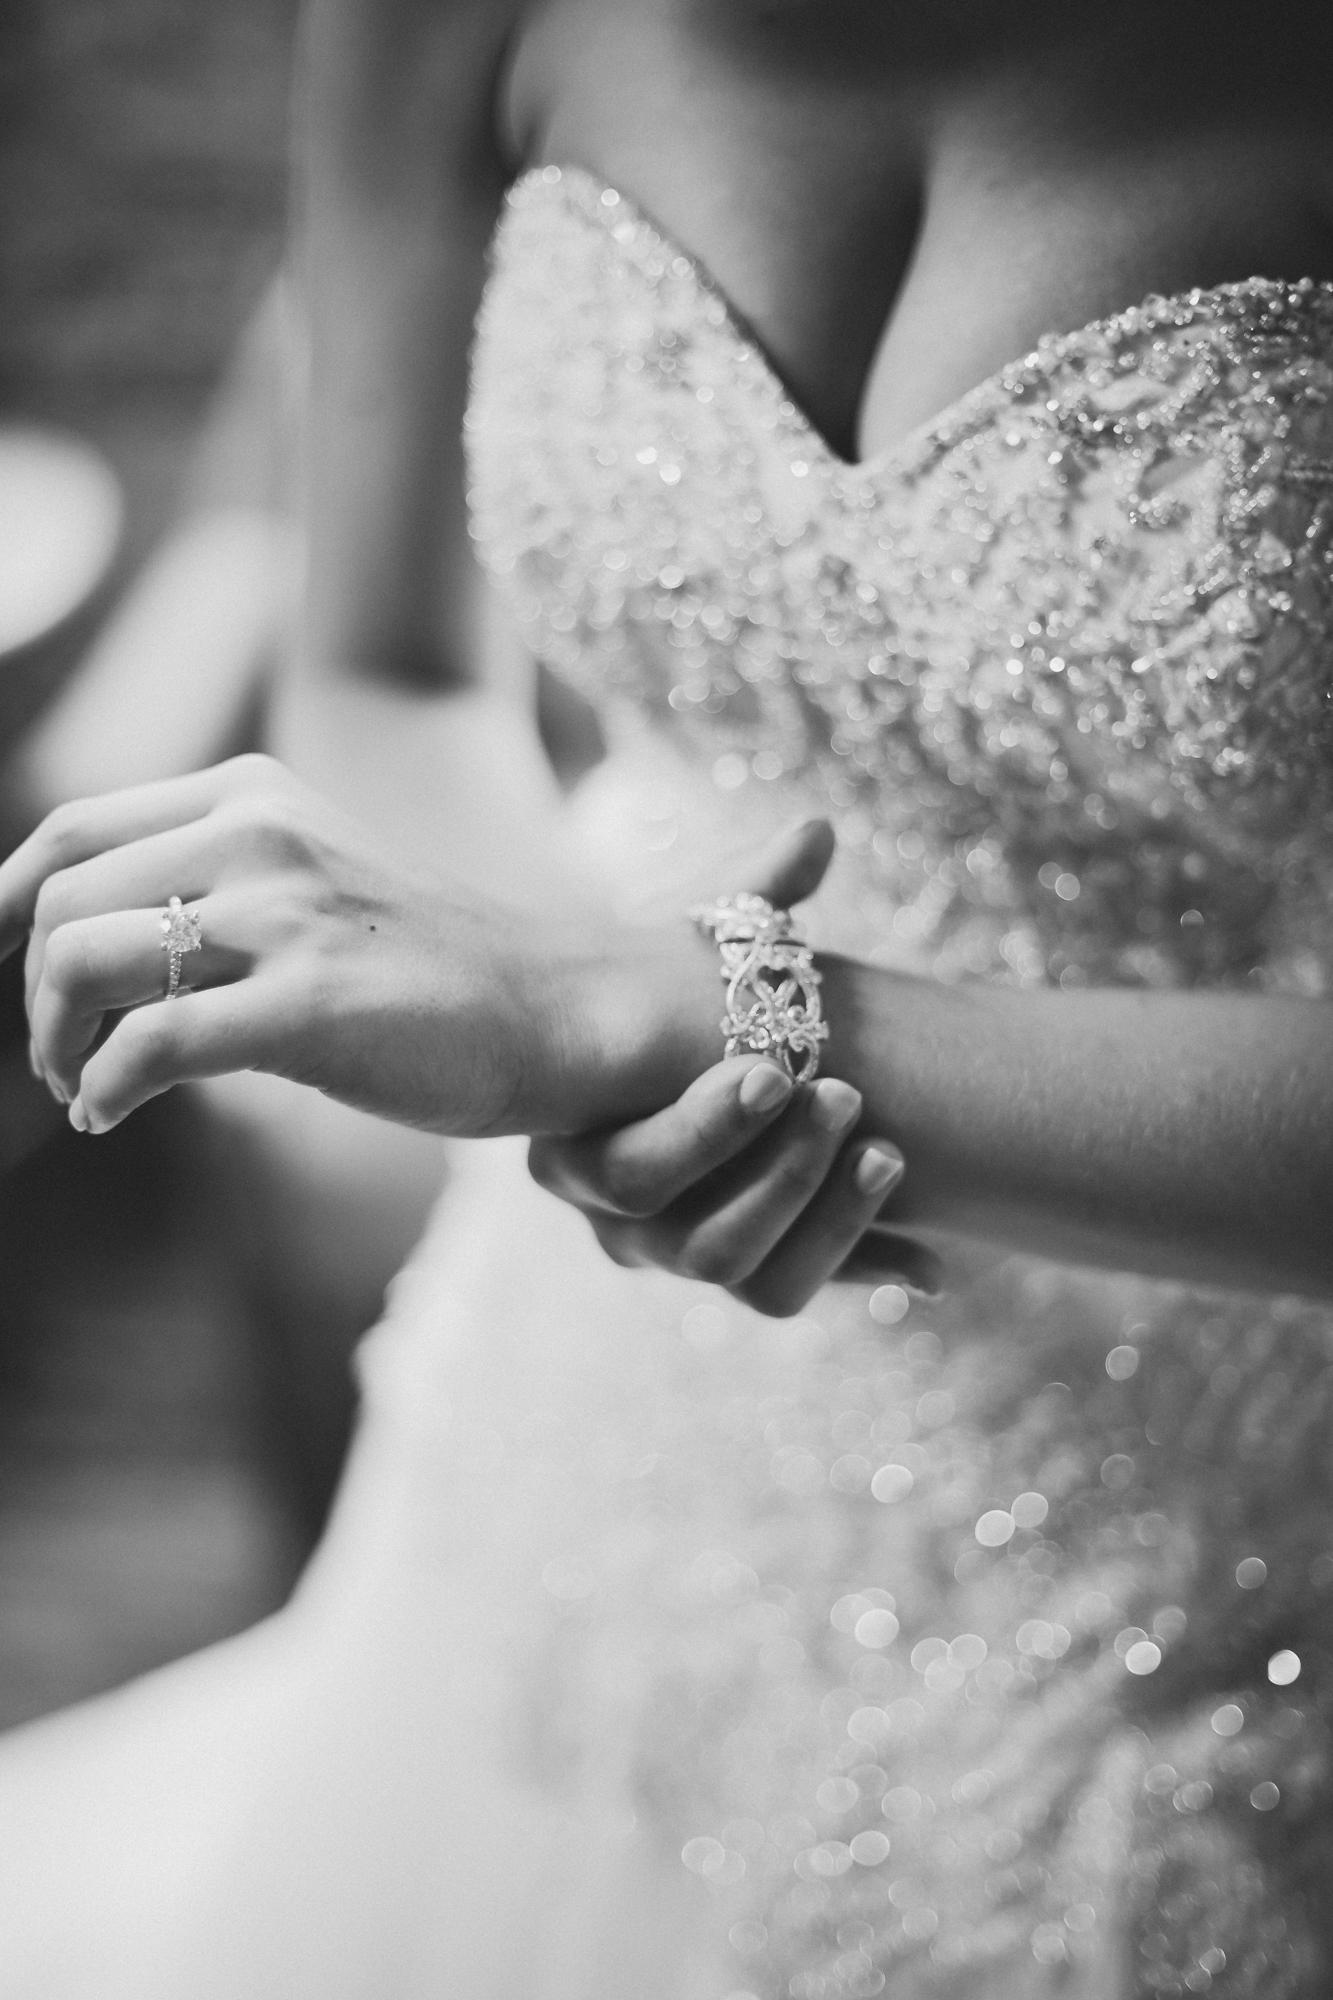 New York Wedding Photographer Boris Zaretsky Boris_Zaretsky_Photography_1N3A0100 copy.jpg